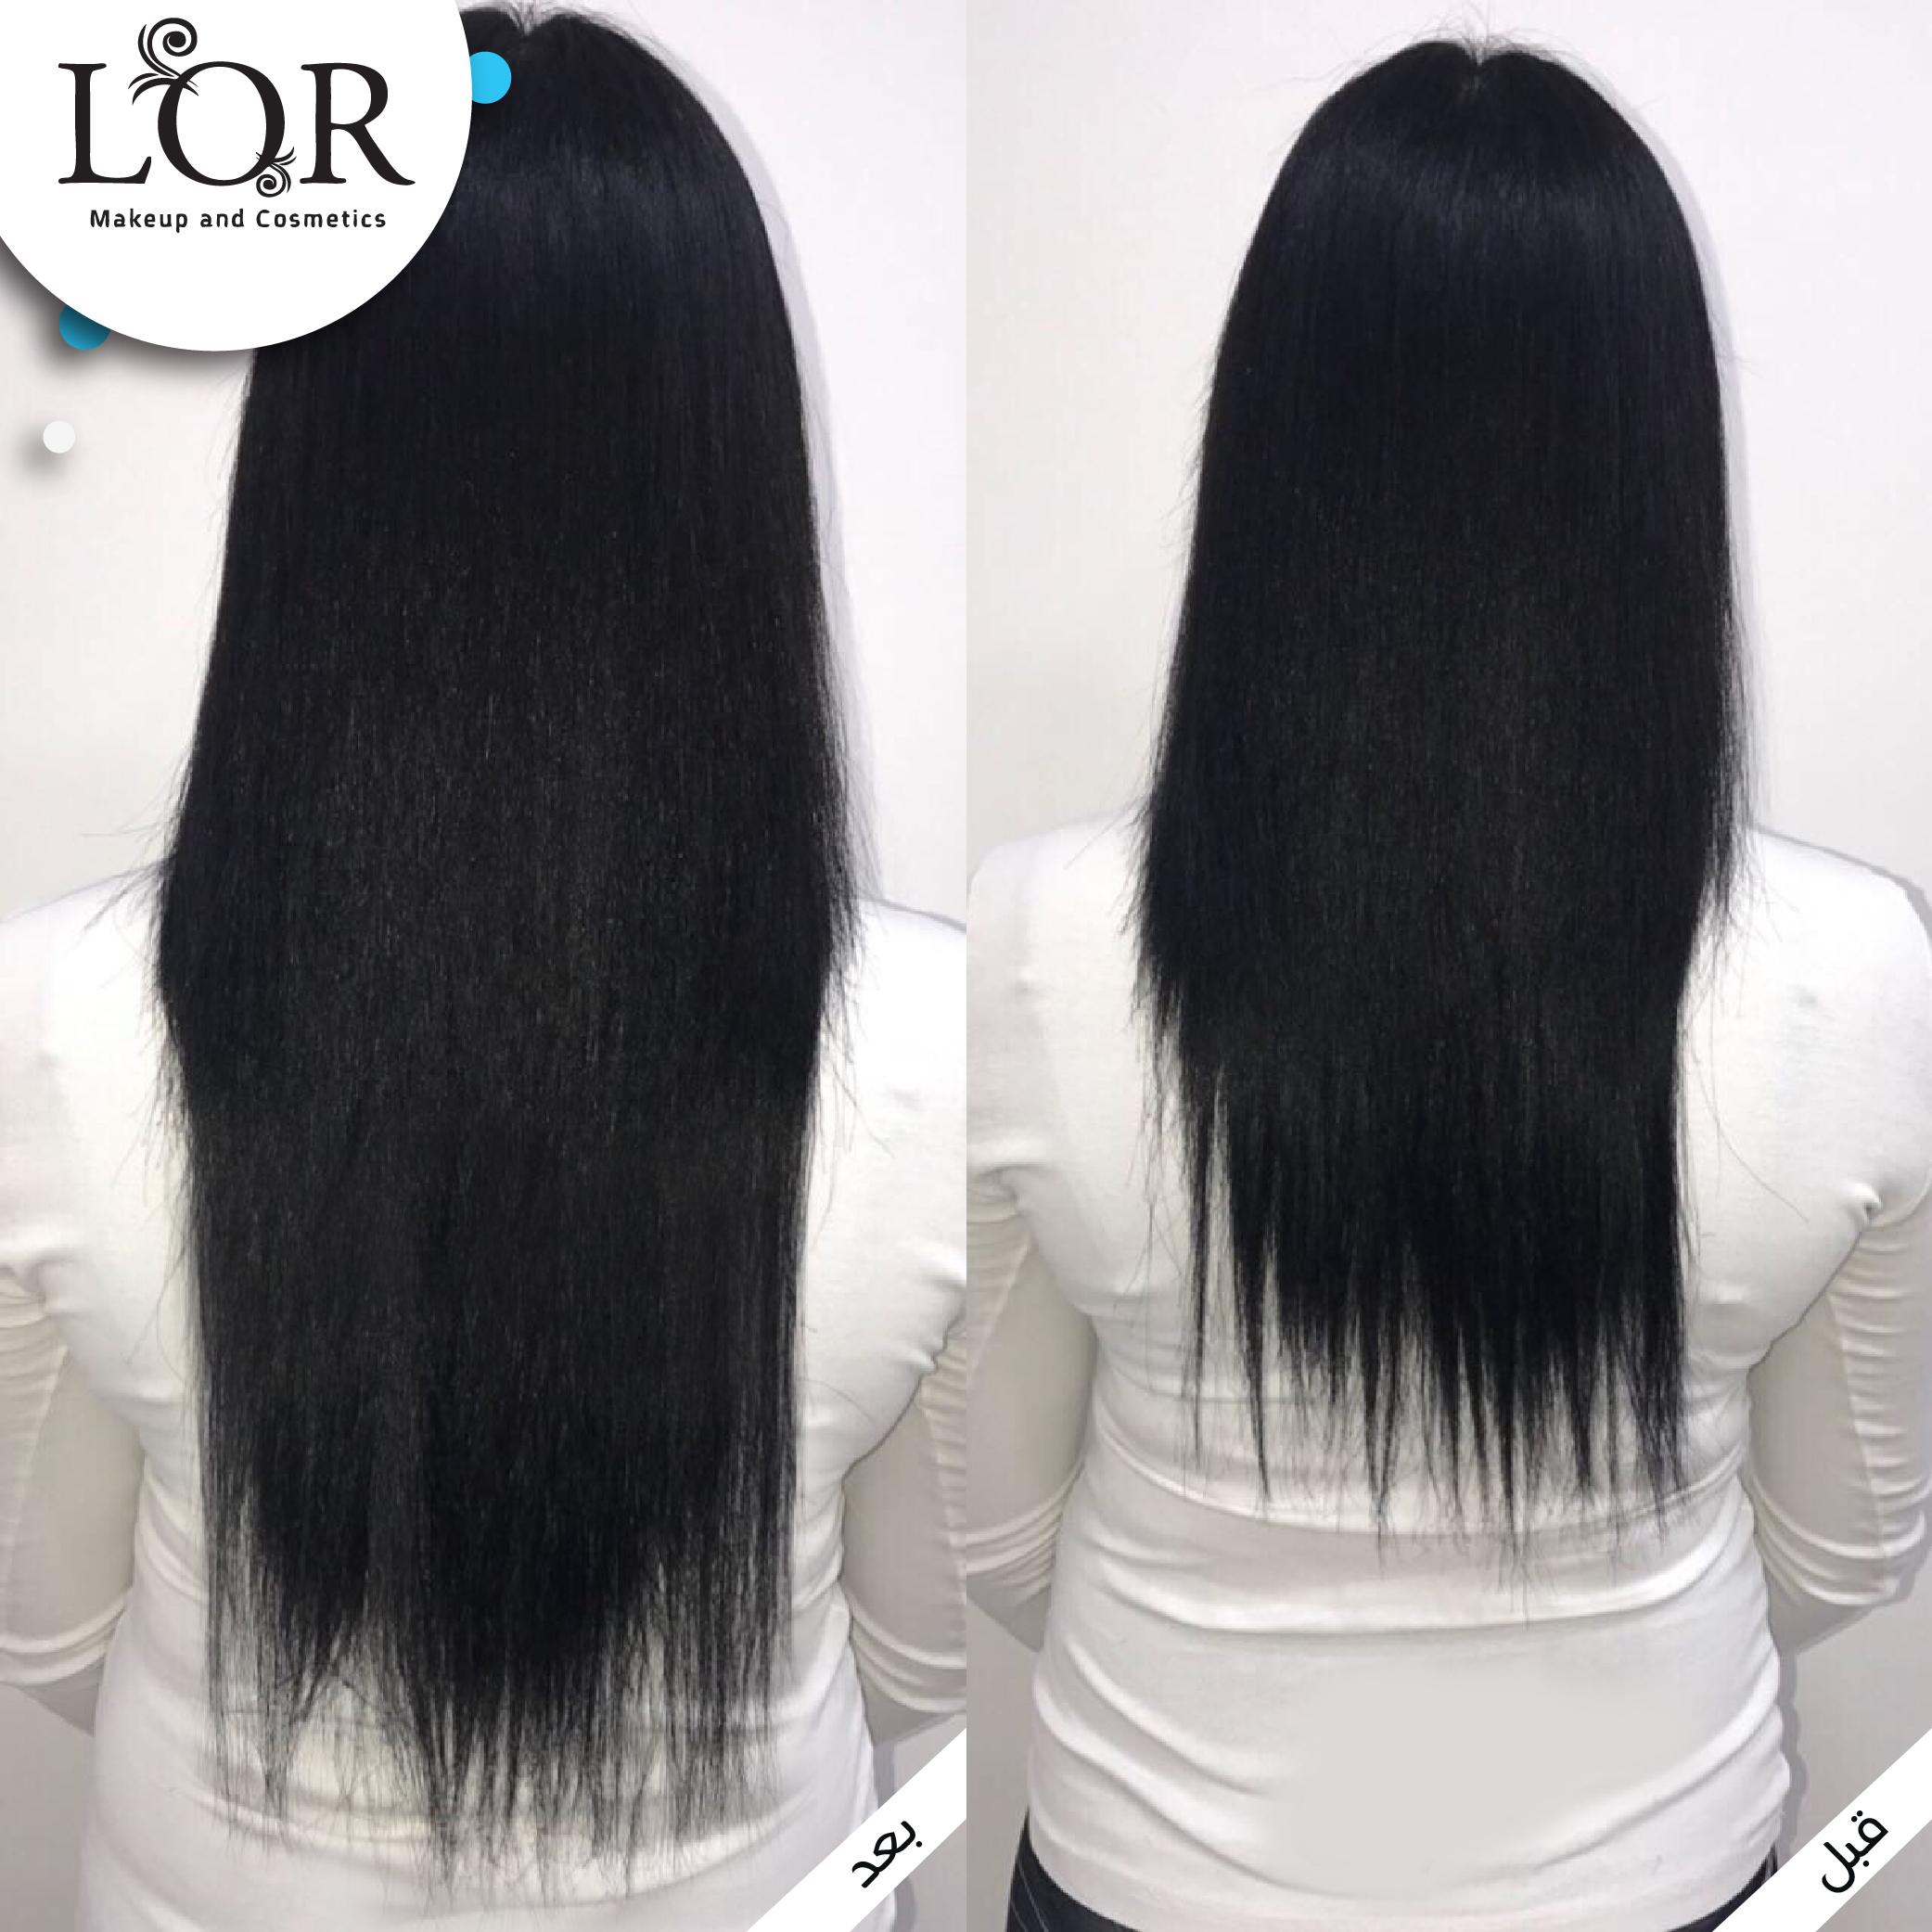 שיקום שיער תמונות לפני ואחרי